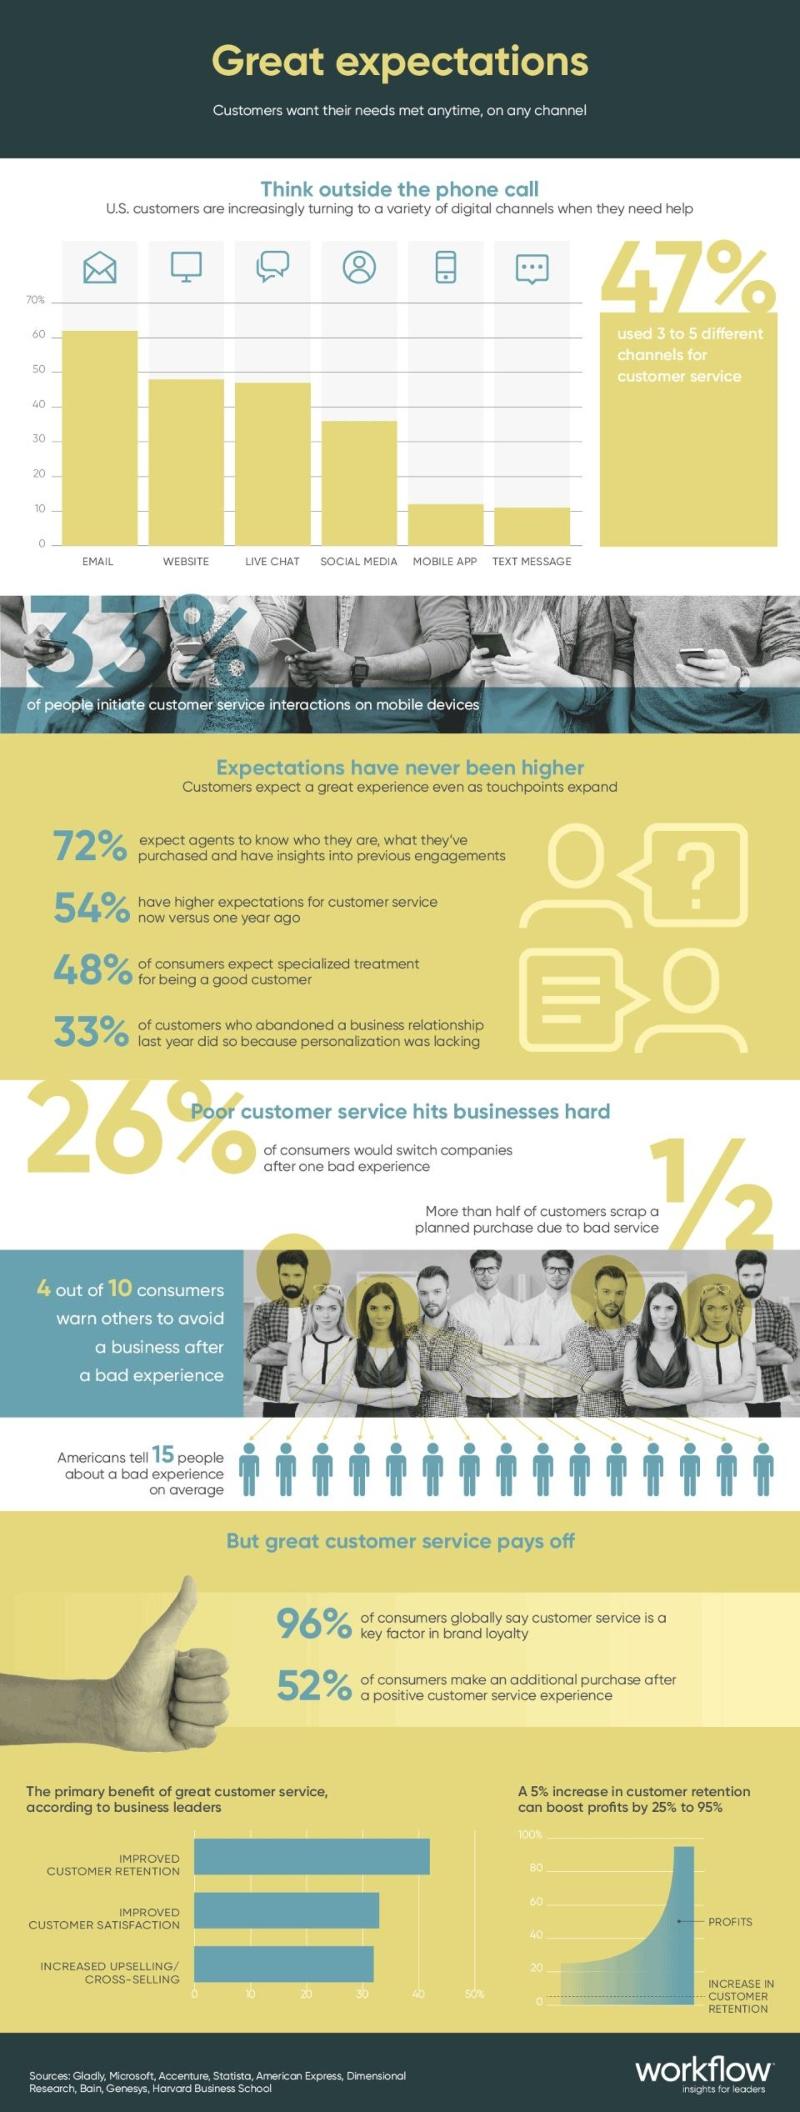 Sabe quais as expetativas do consumidor no atendimento ao cliente?